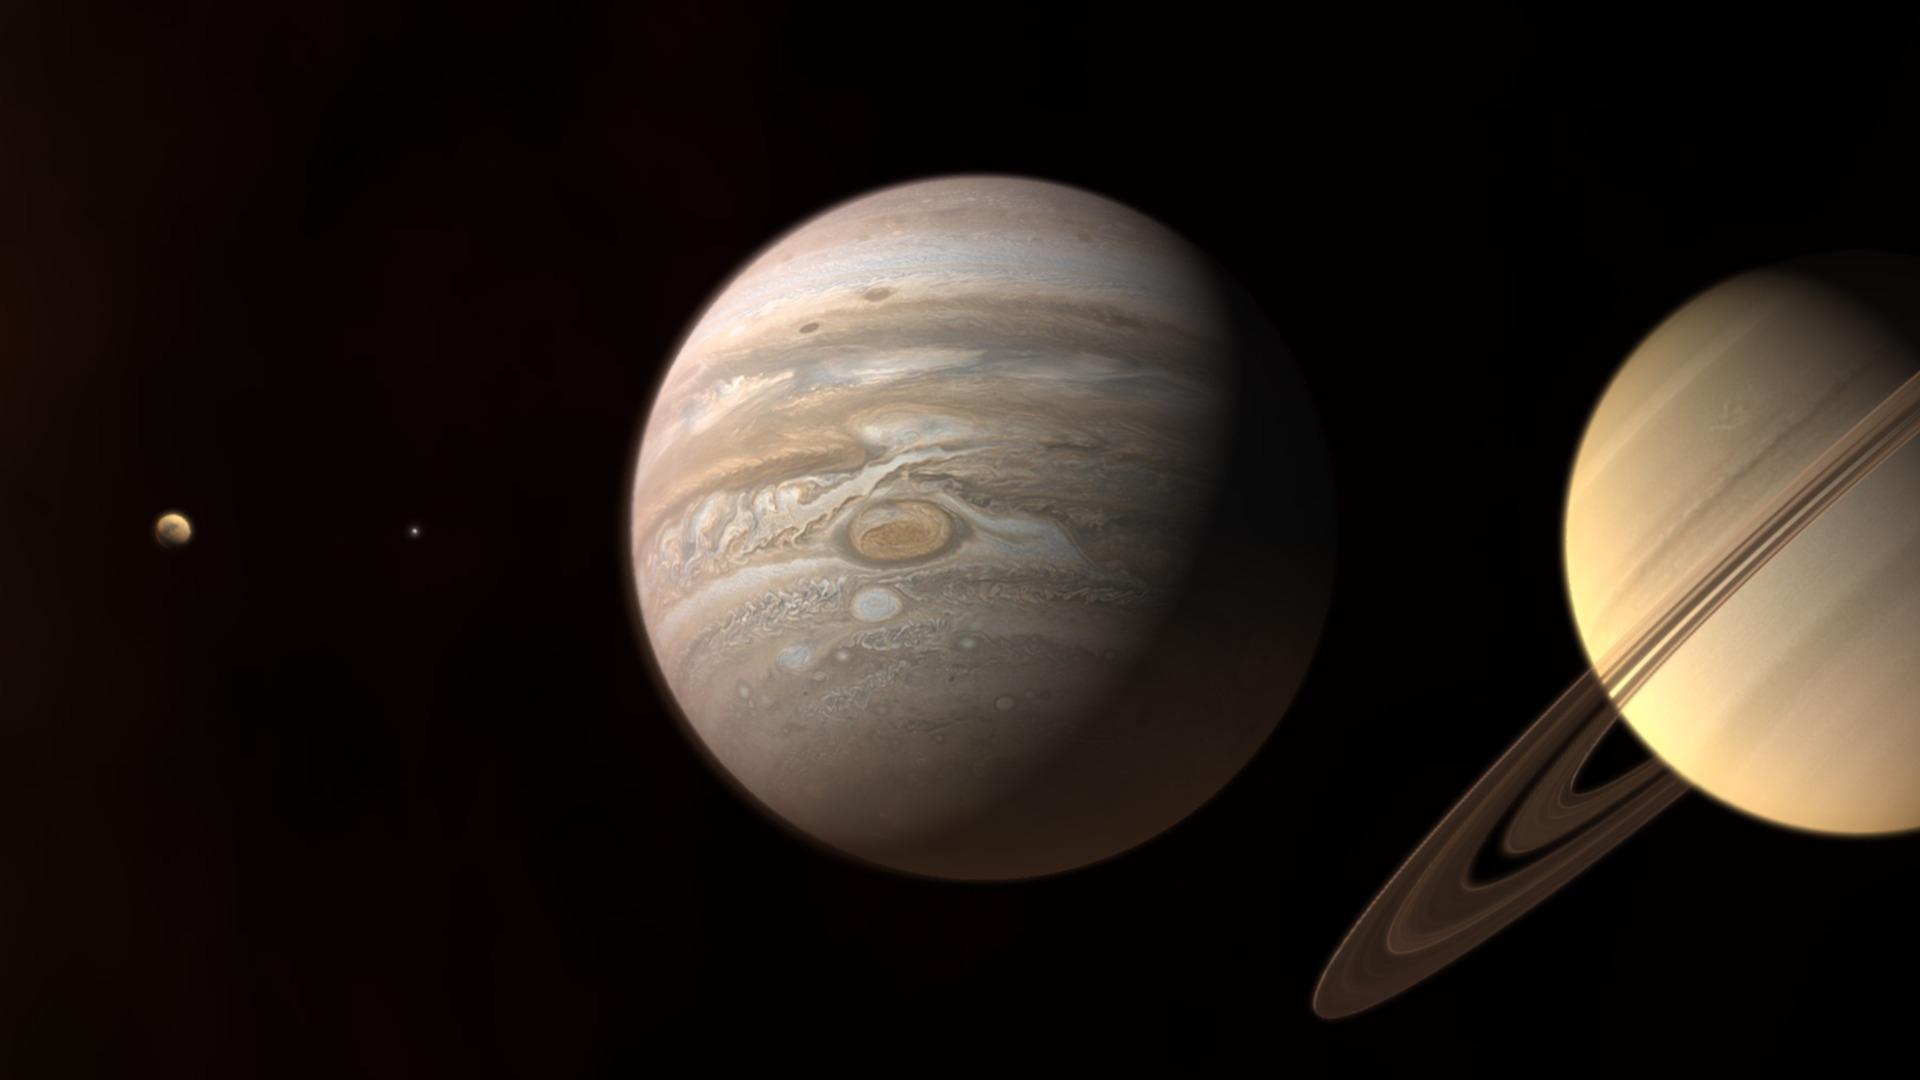 moon jupiter saturn aligned - HD1680×1050